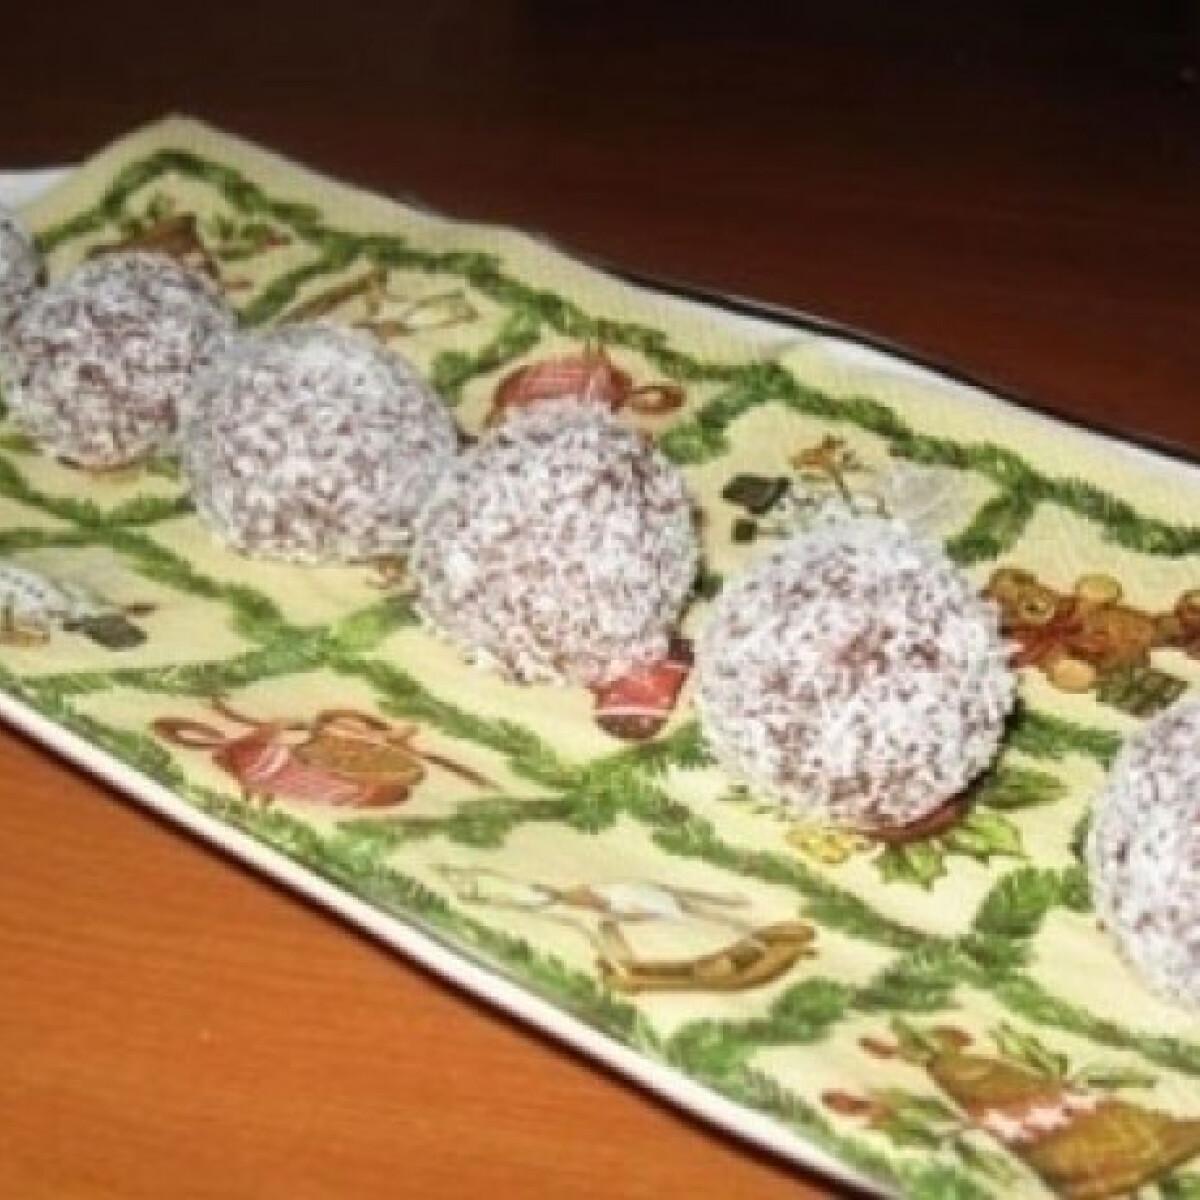 Rumos-meggyes kókuszgolyó 2. (Kókuszgolyó 6.)